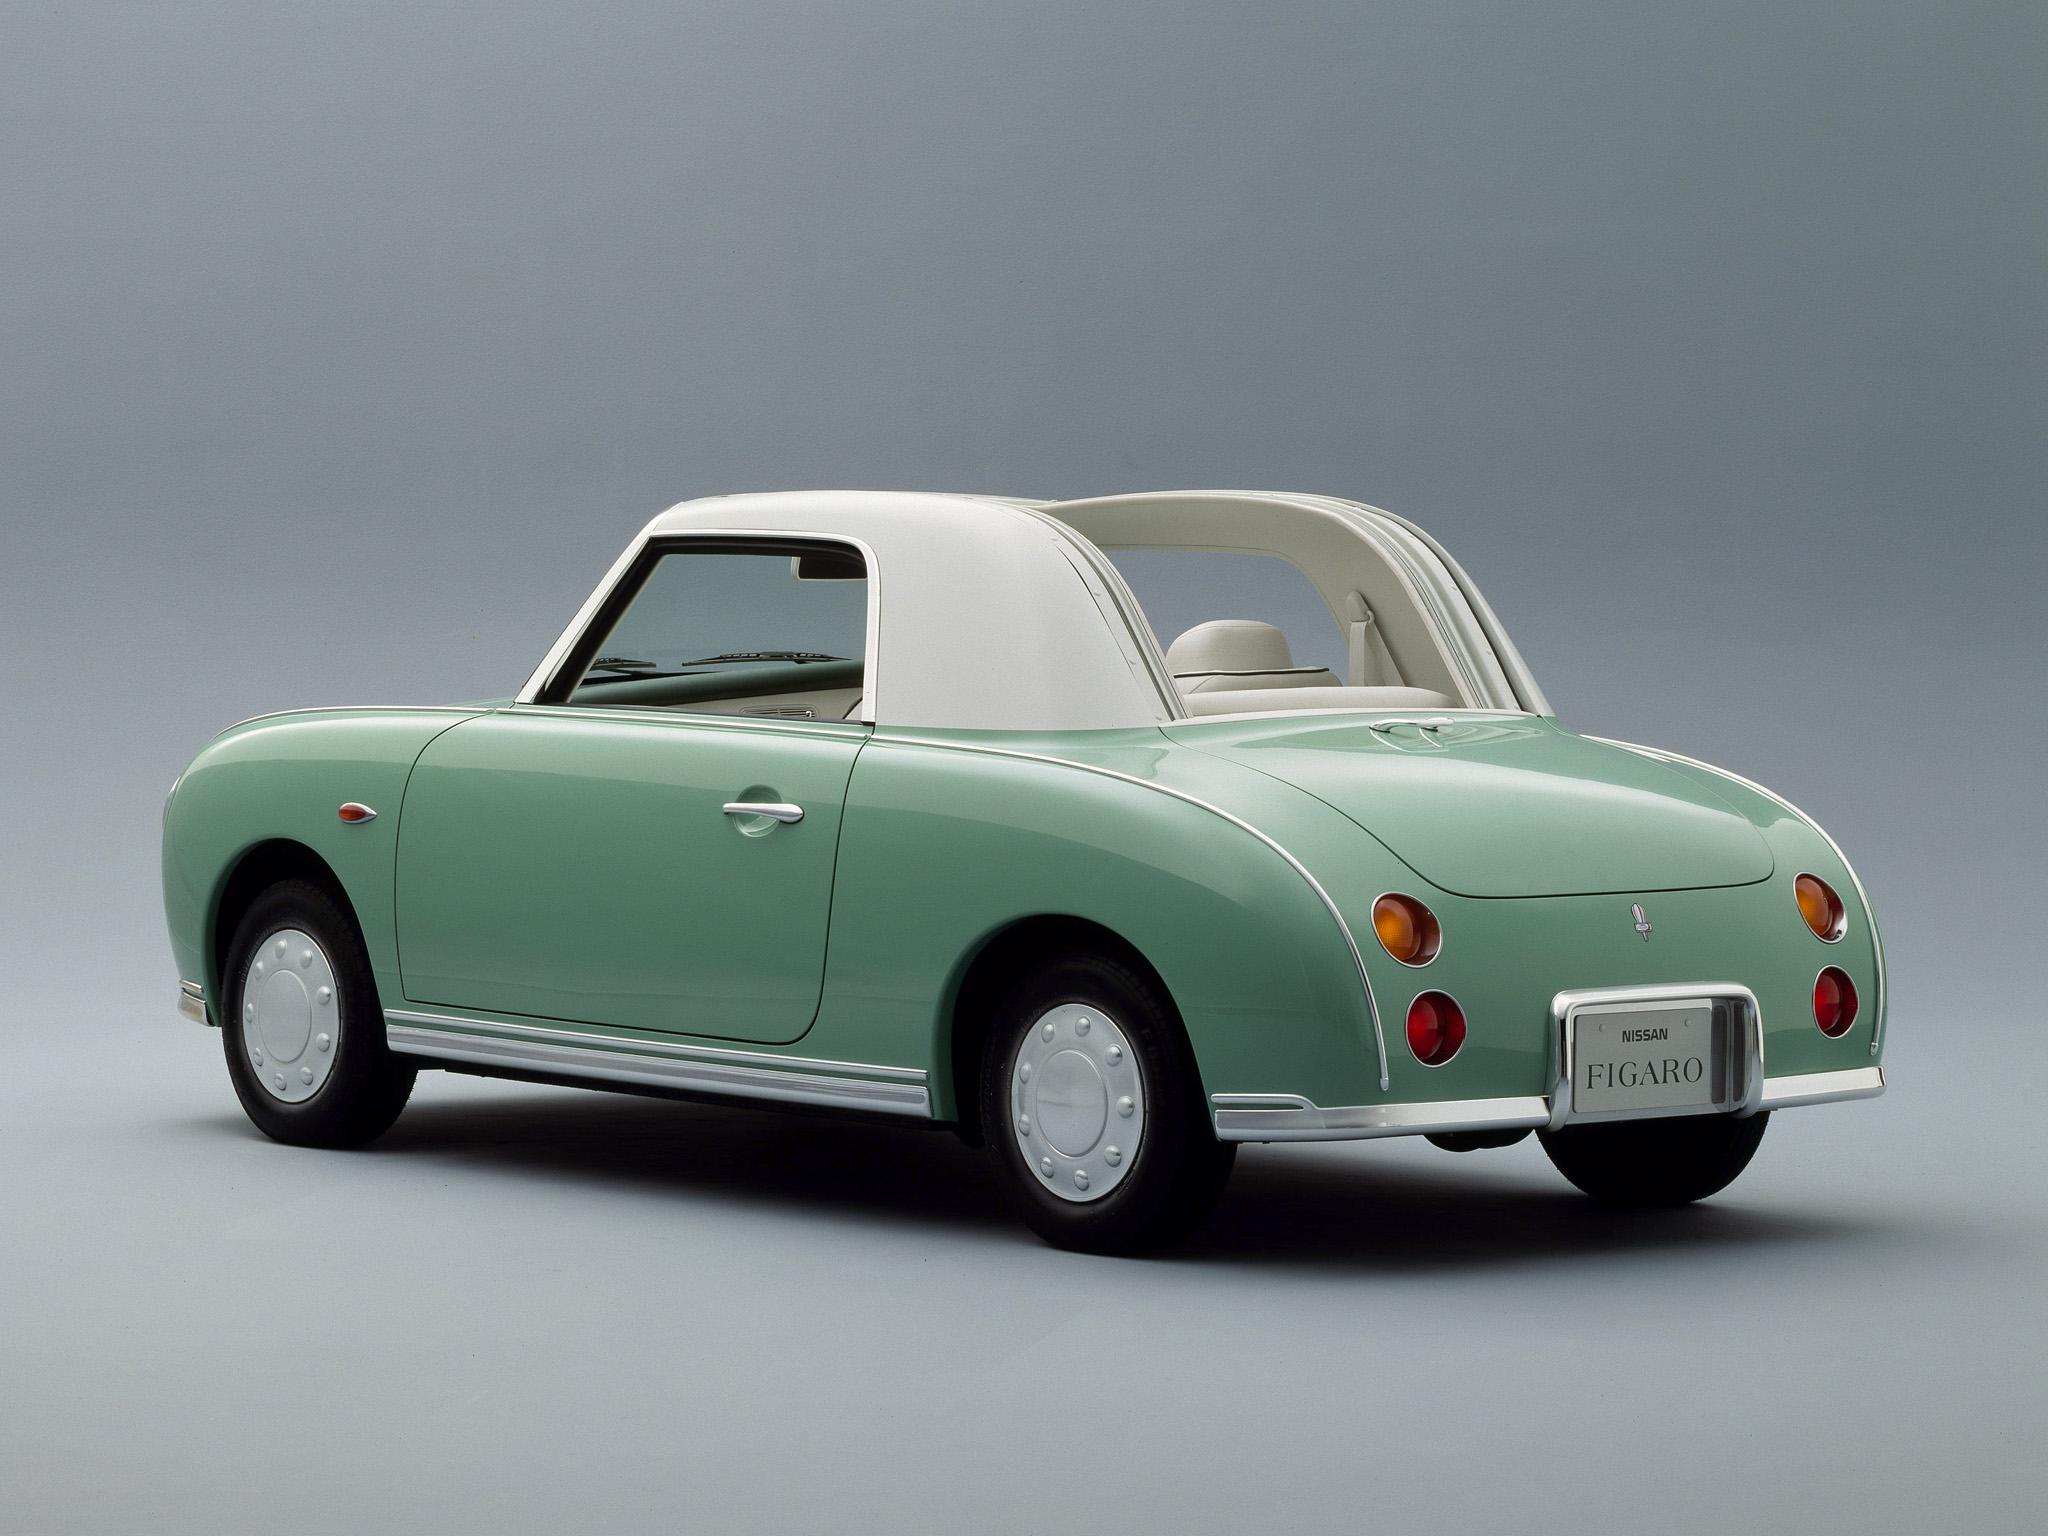 Nissan Figaro rear 3/4